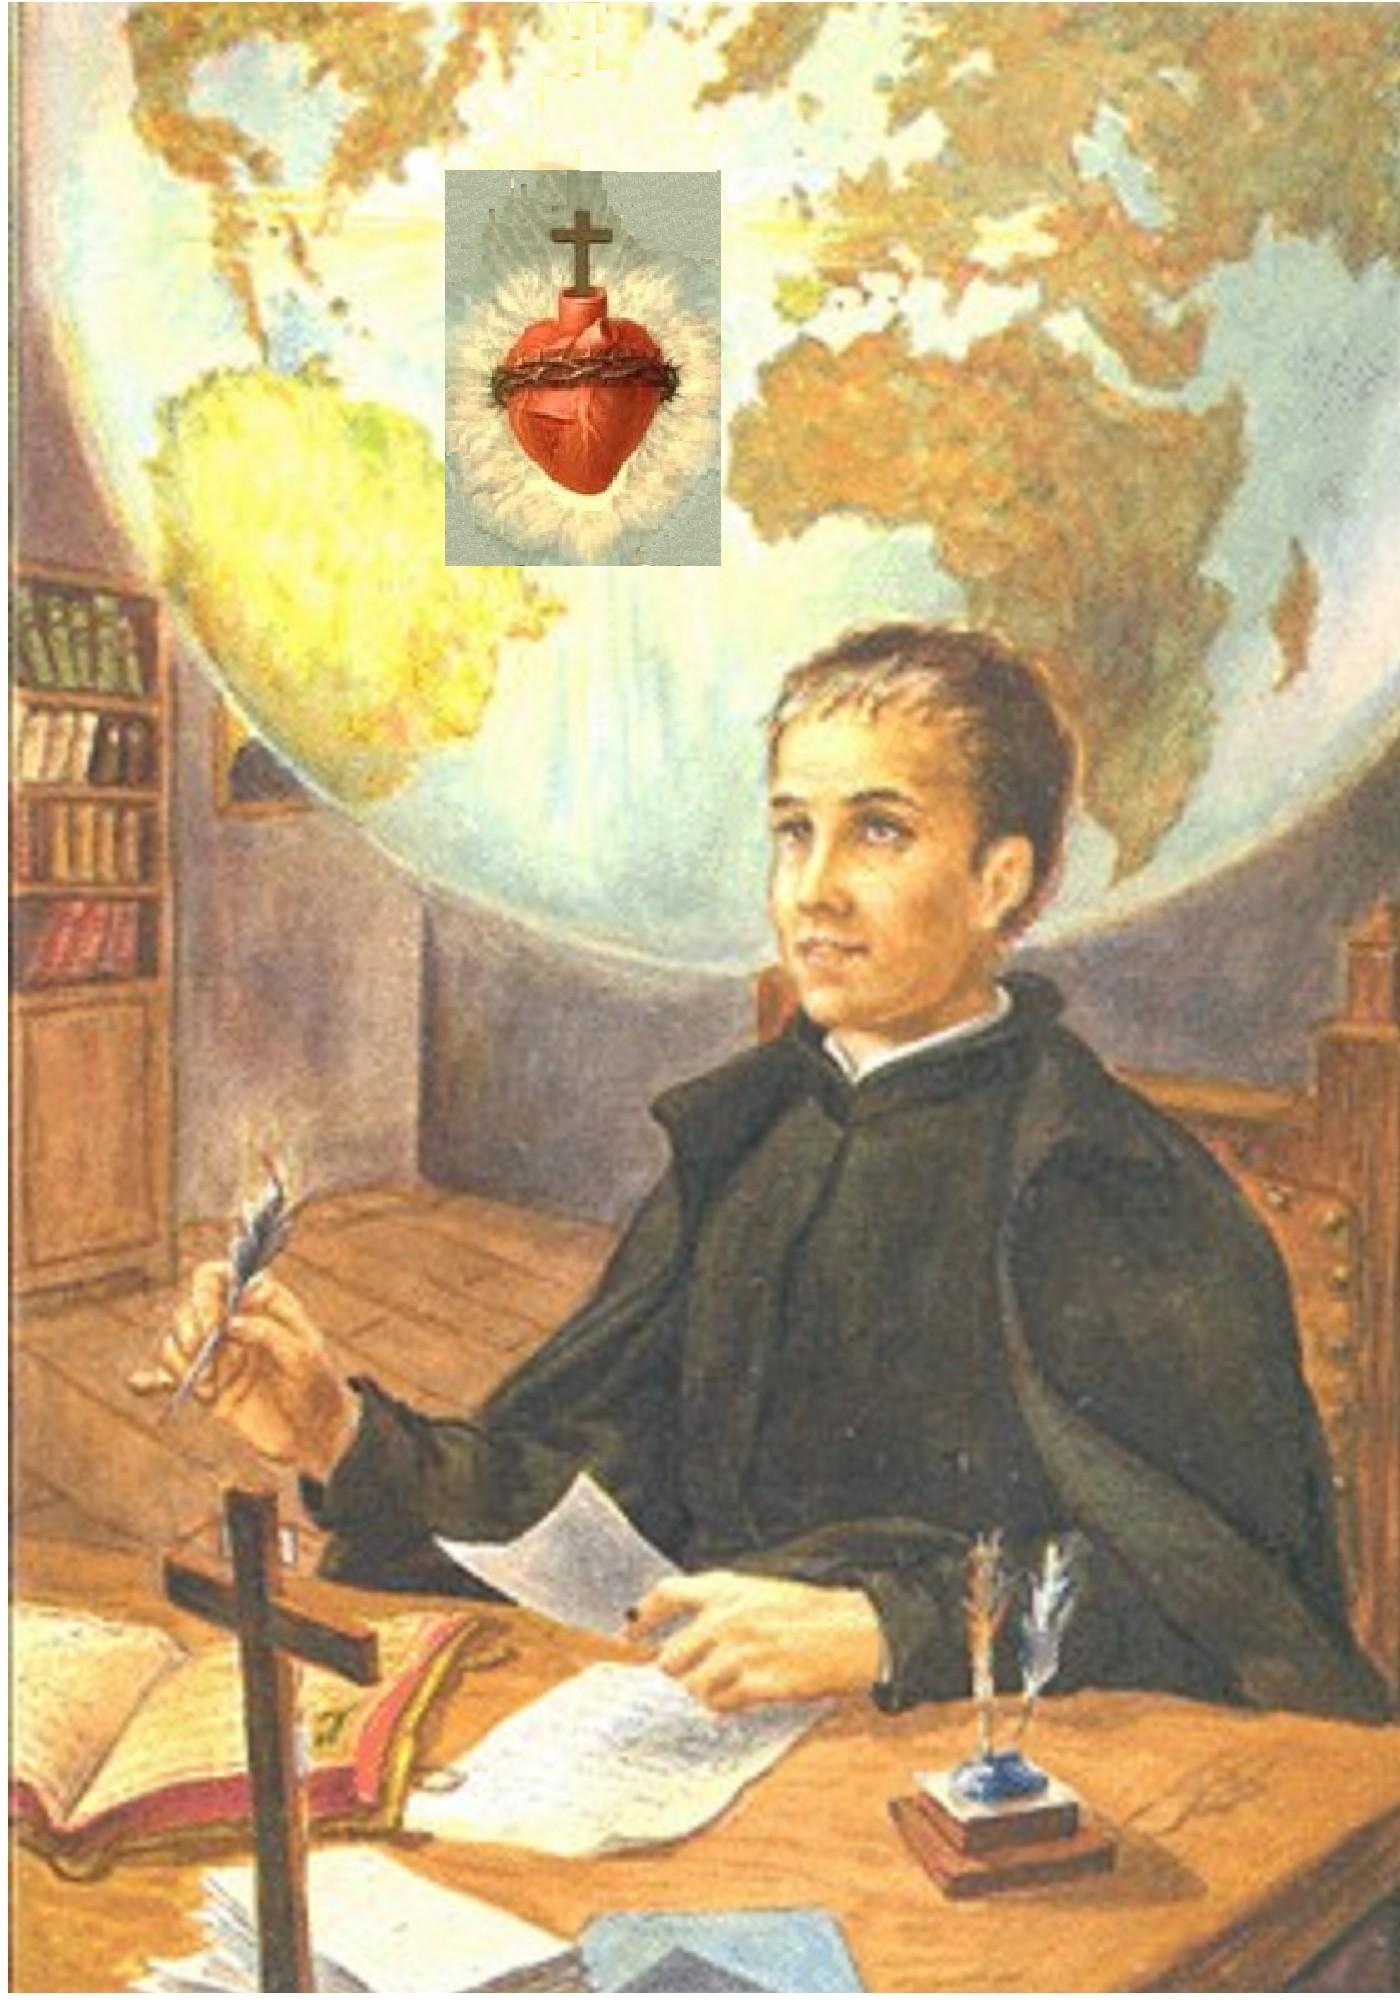 Bernard Frančišek Hoyos